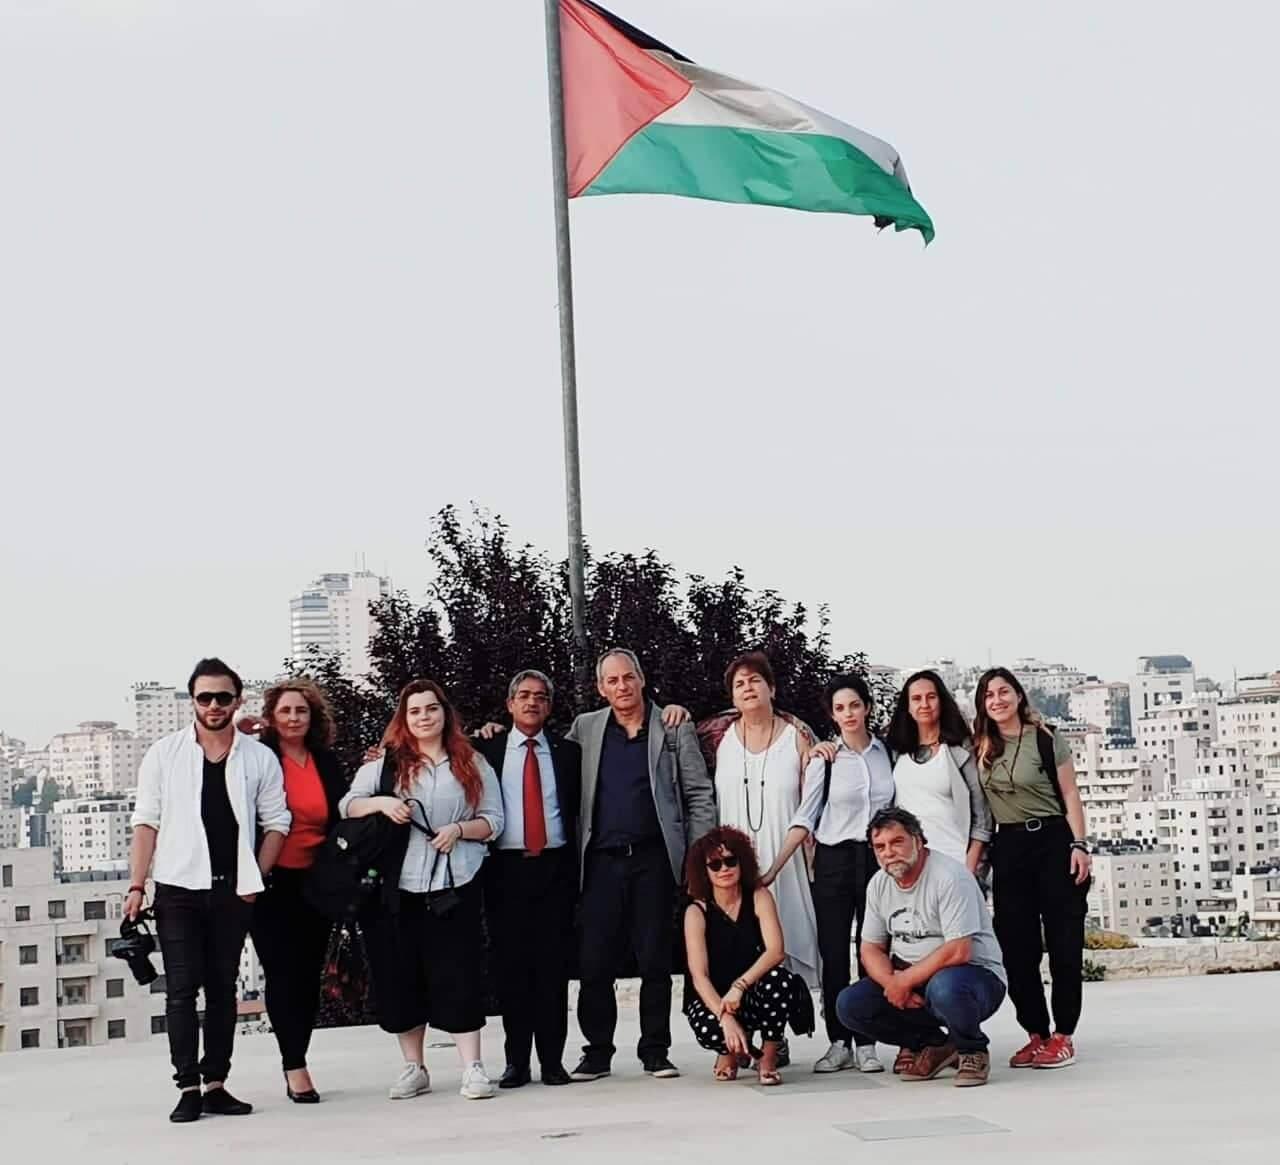 ΑΜΙ on a journalistic mission to Palestine